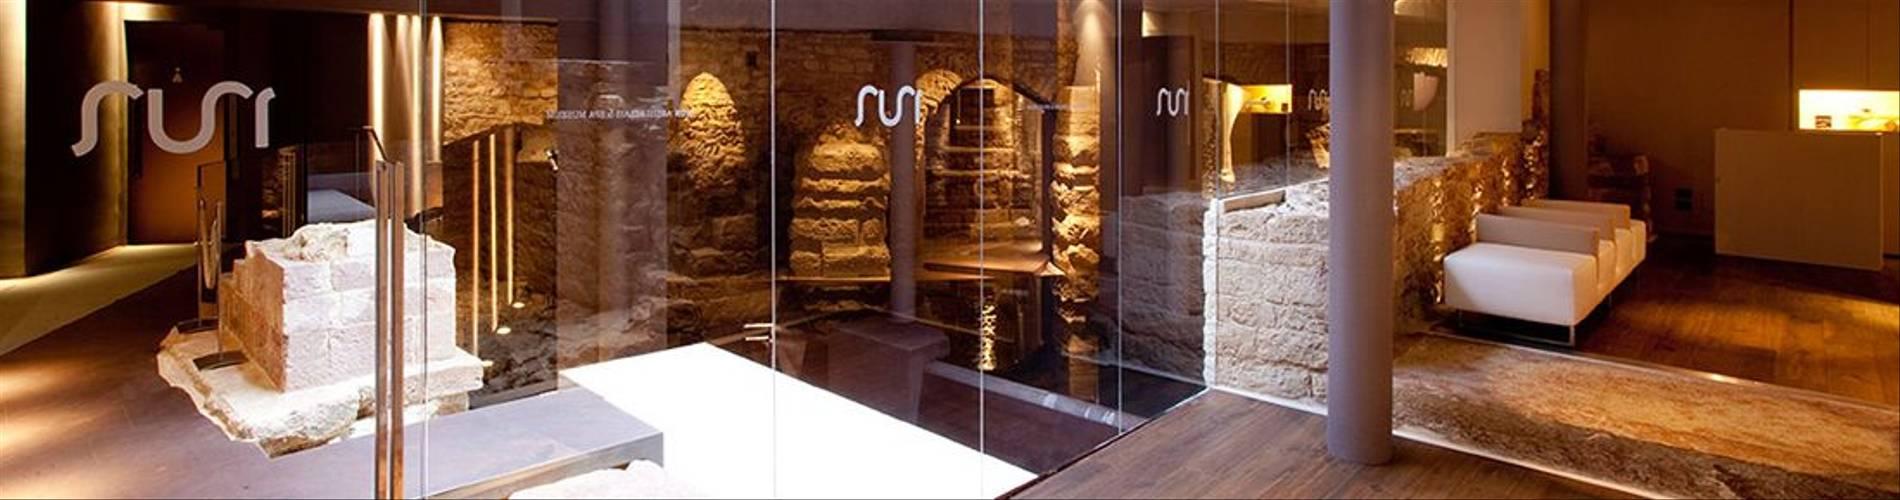 NUN ASSISI nun-spa-museum.jpg